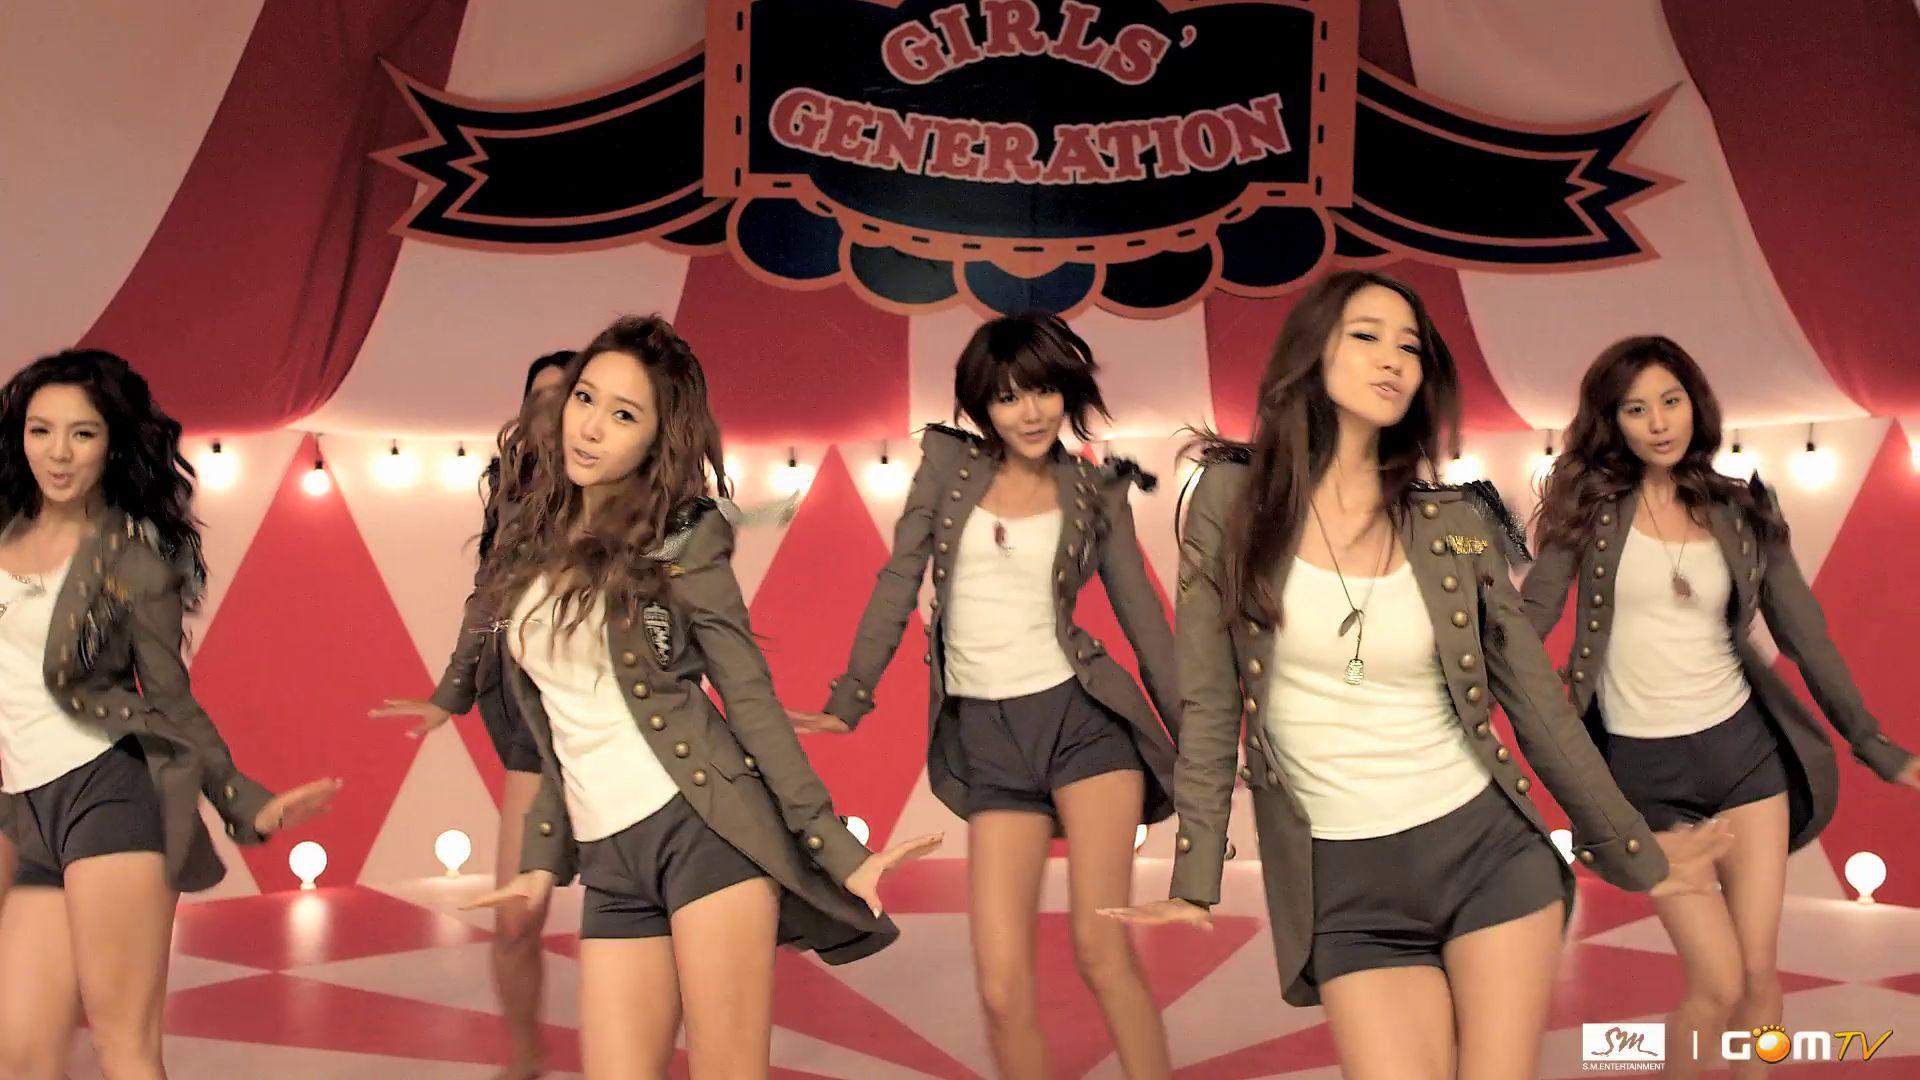 brunettes legs women girls generation snsd skirts high